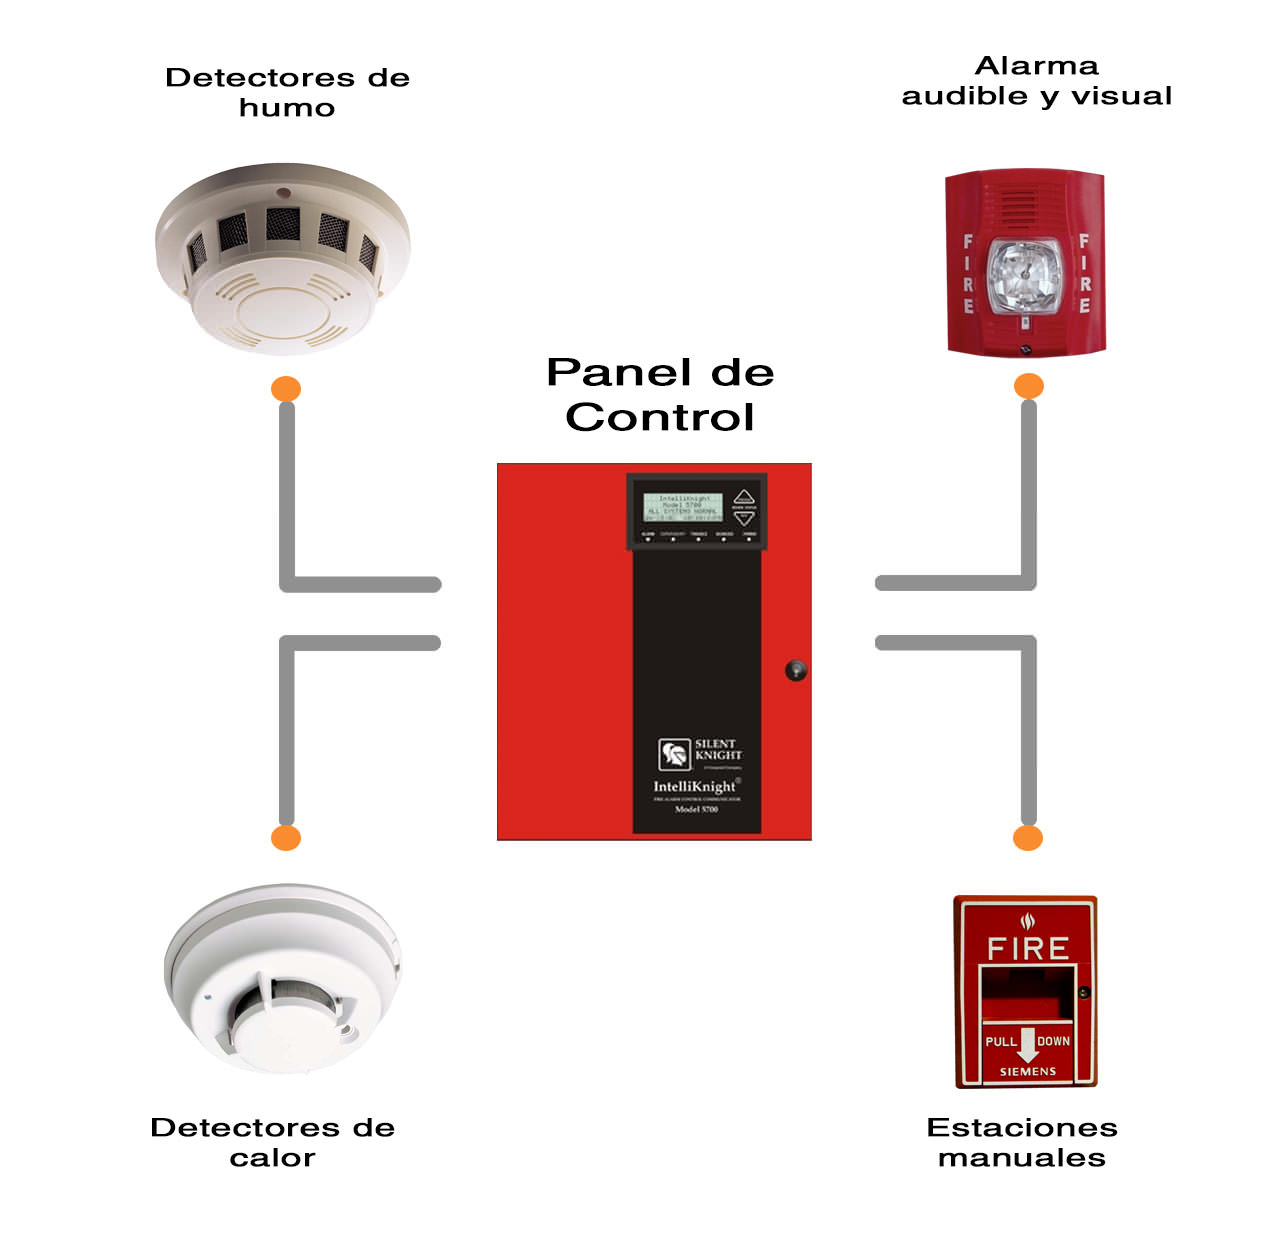 Detectores de calor